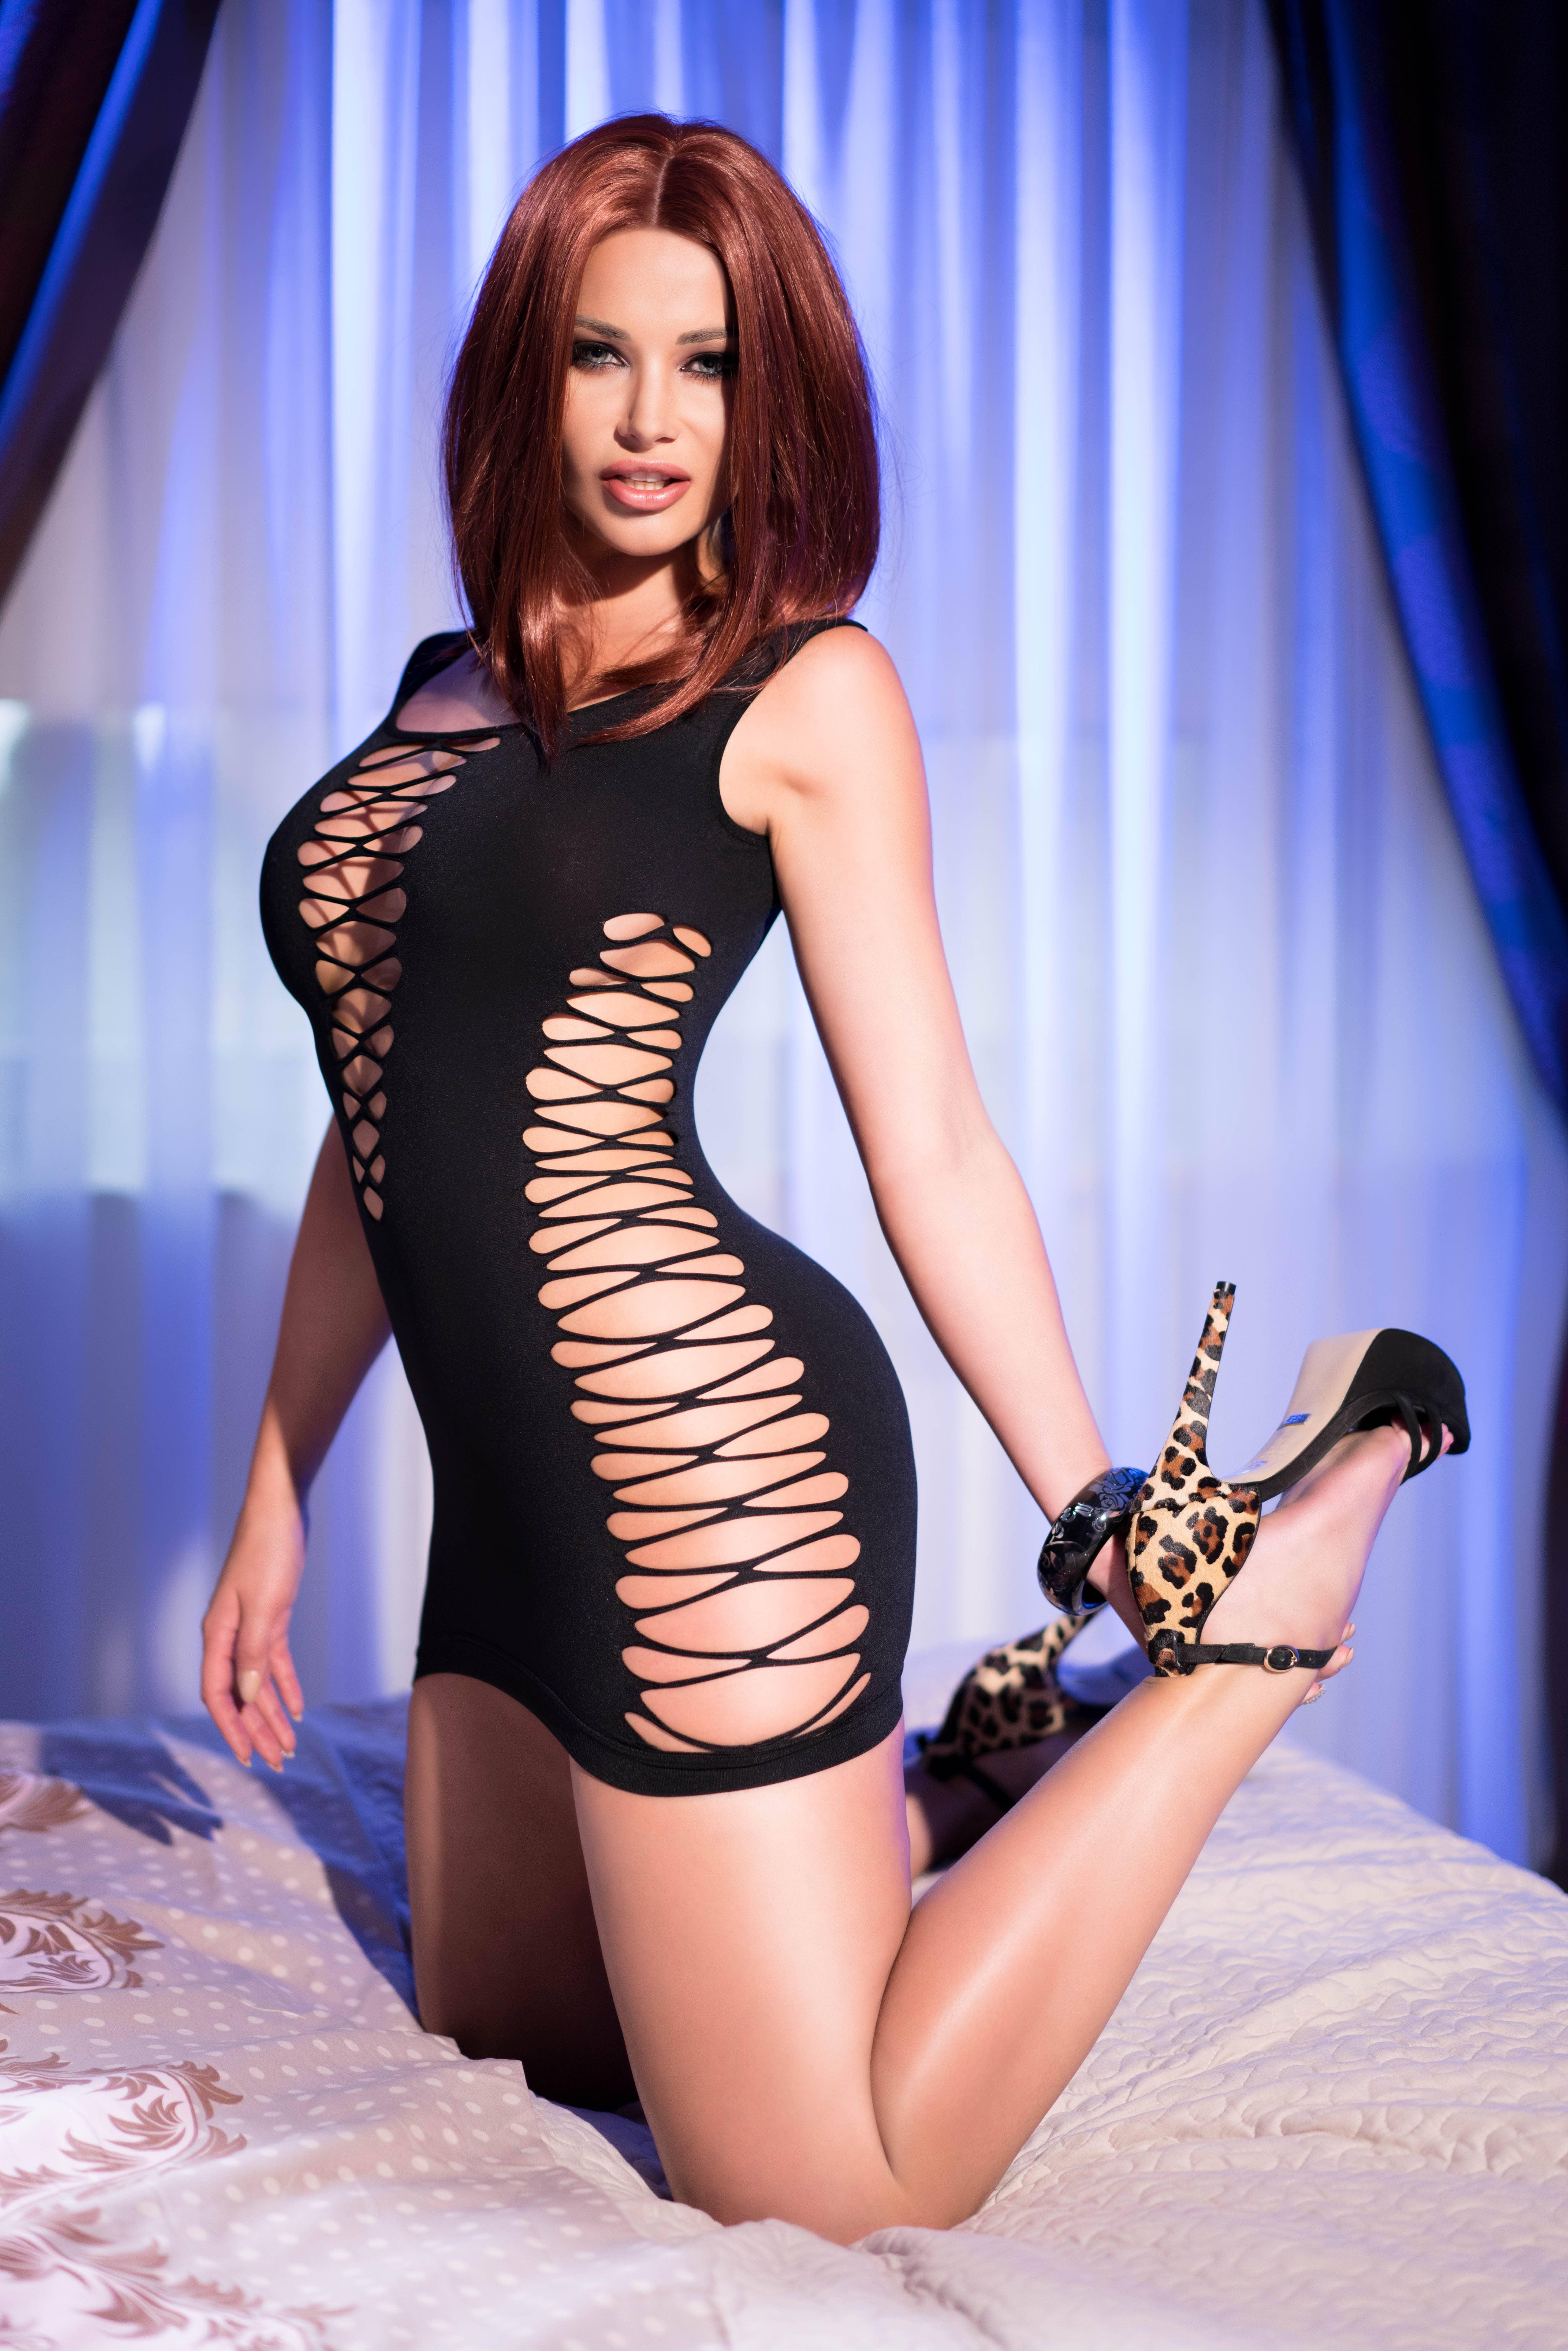 Еластична мини рокля, черна – CR 4096 S/M Black Seamless Minidress